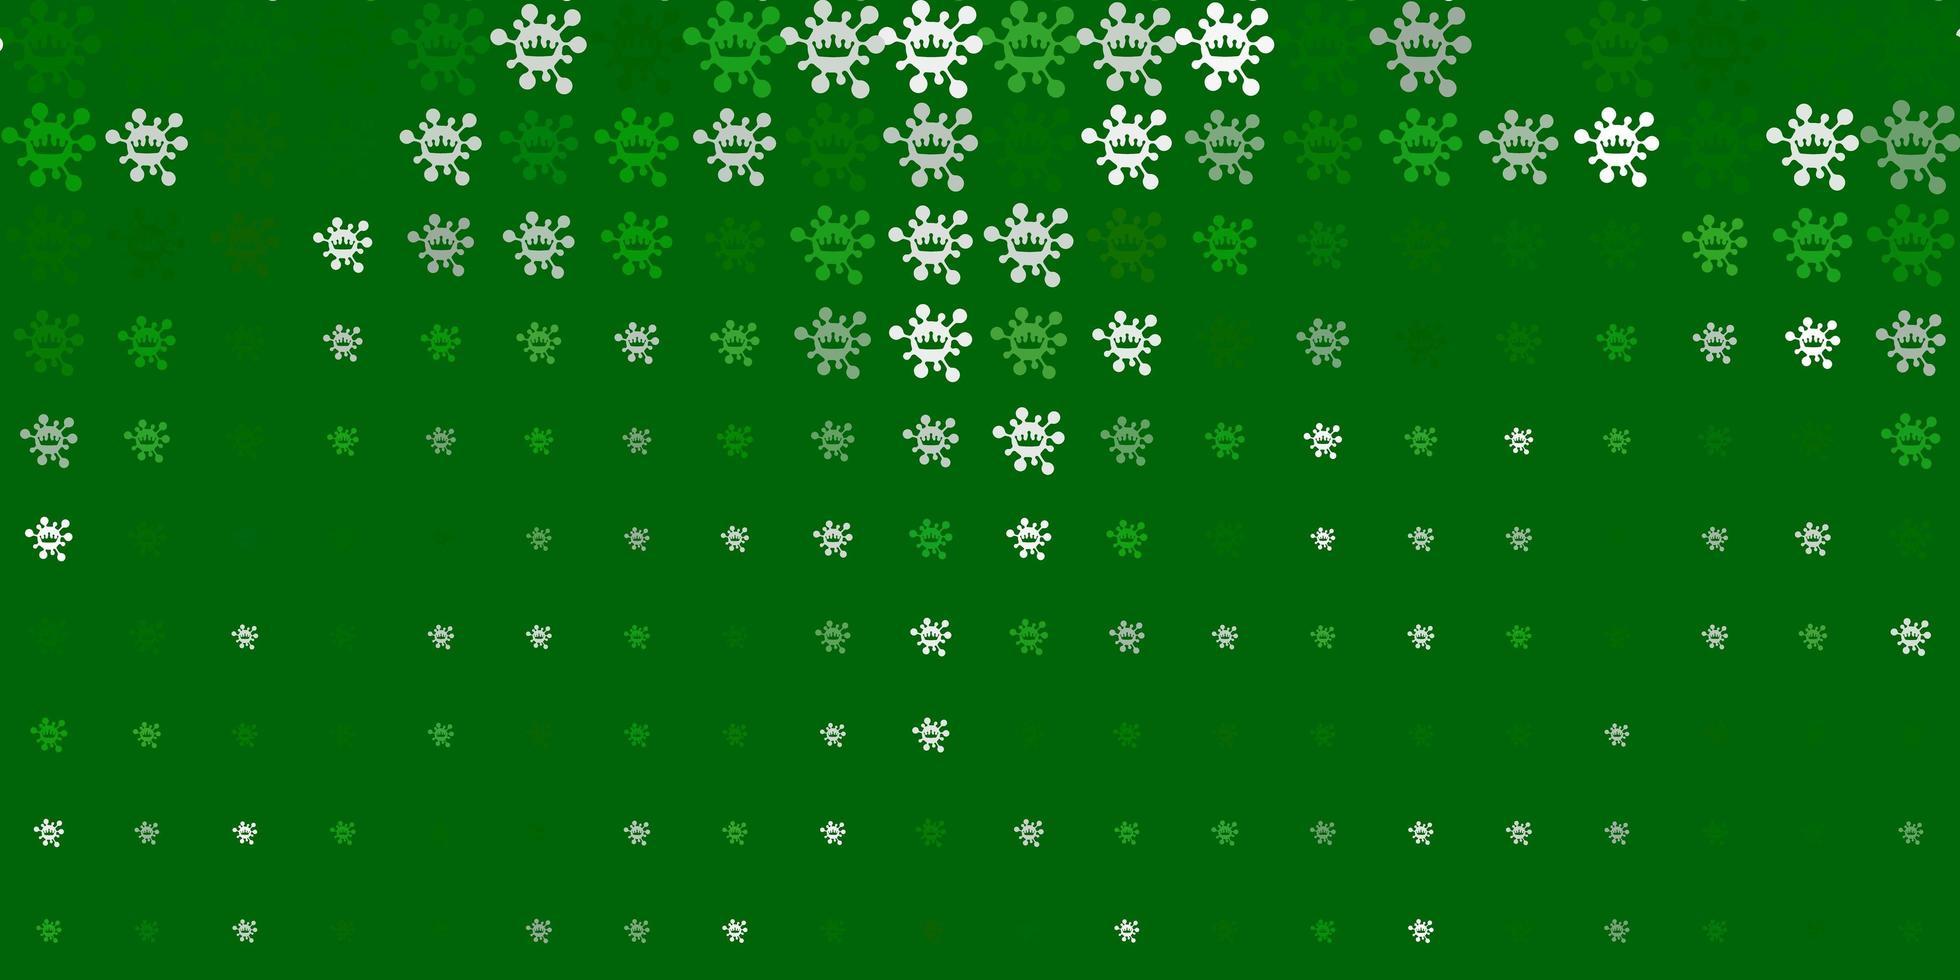 ljusgrön vektor bakgrund med virussymboler